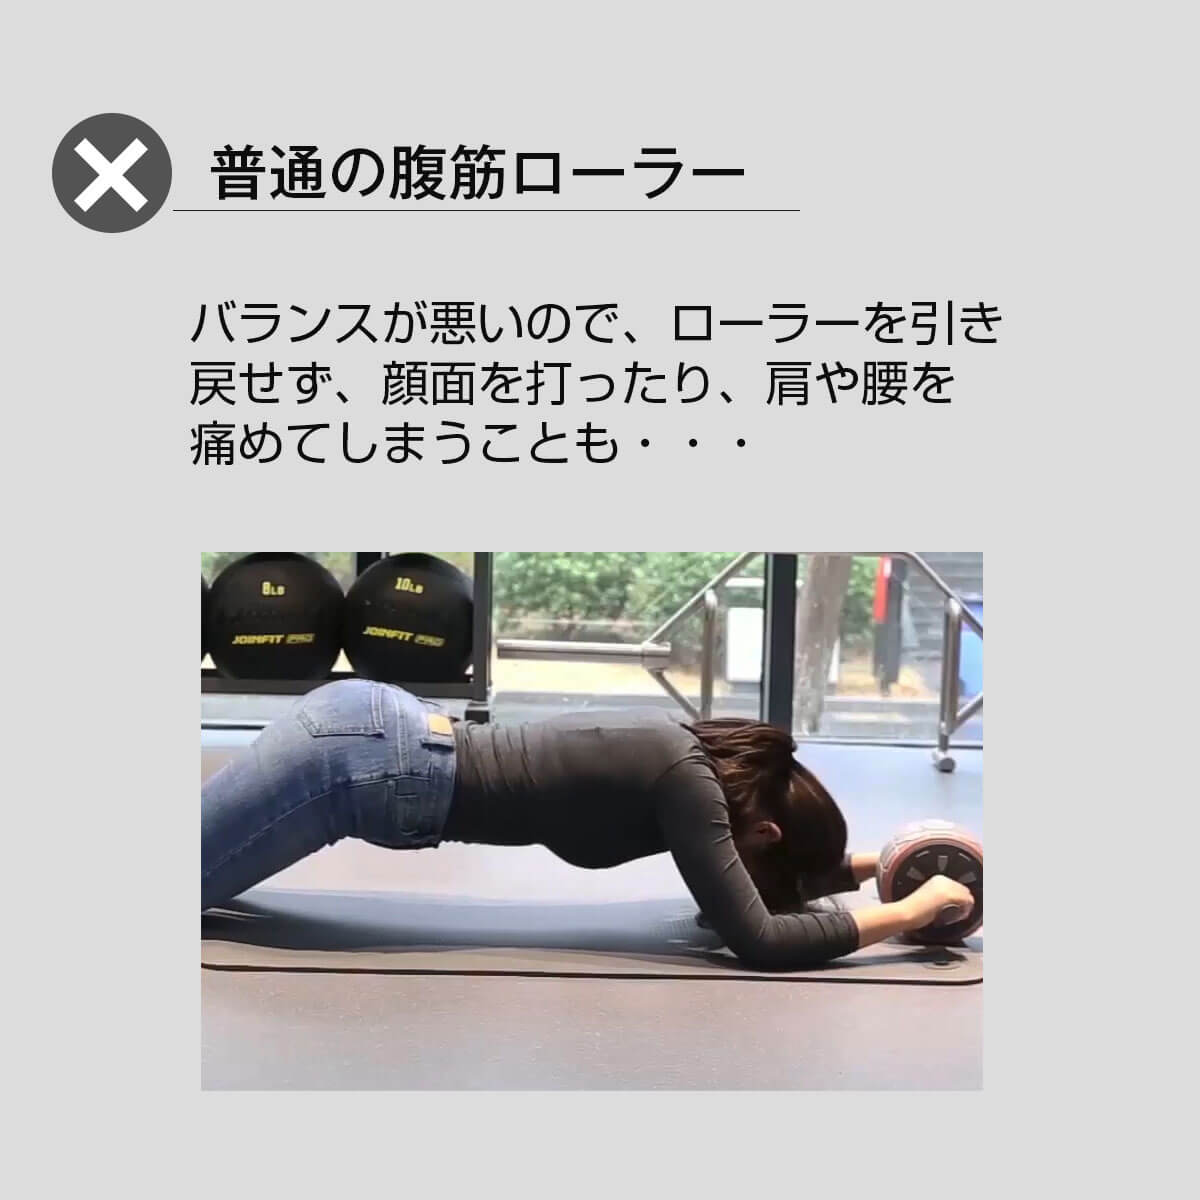 腹筋ローラー 筋トレ 初心者 子供 女性 腹筋プランンクローラー 腹筋 腹筋運動 器具 プランク コア 体幹 トレーニング マット